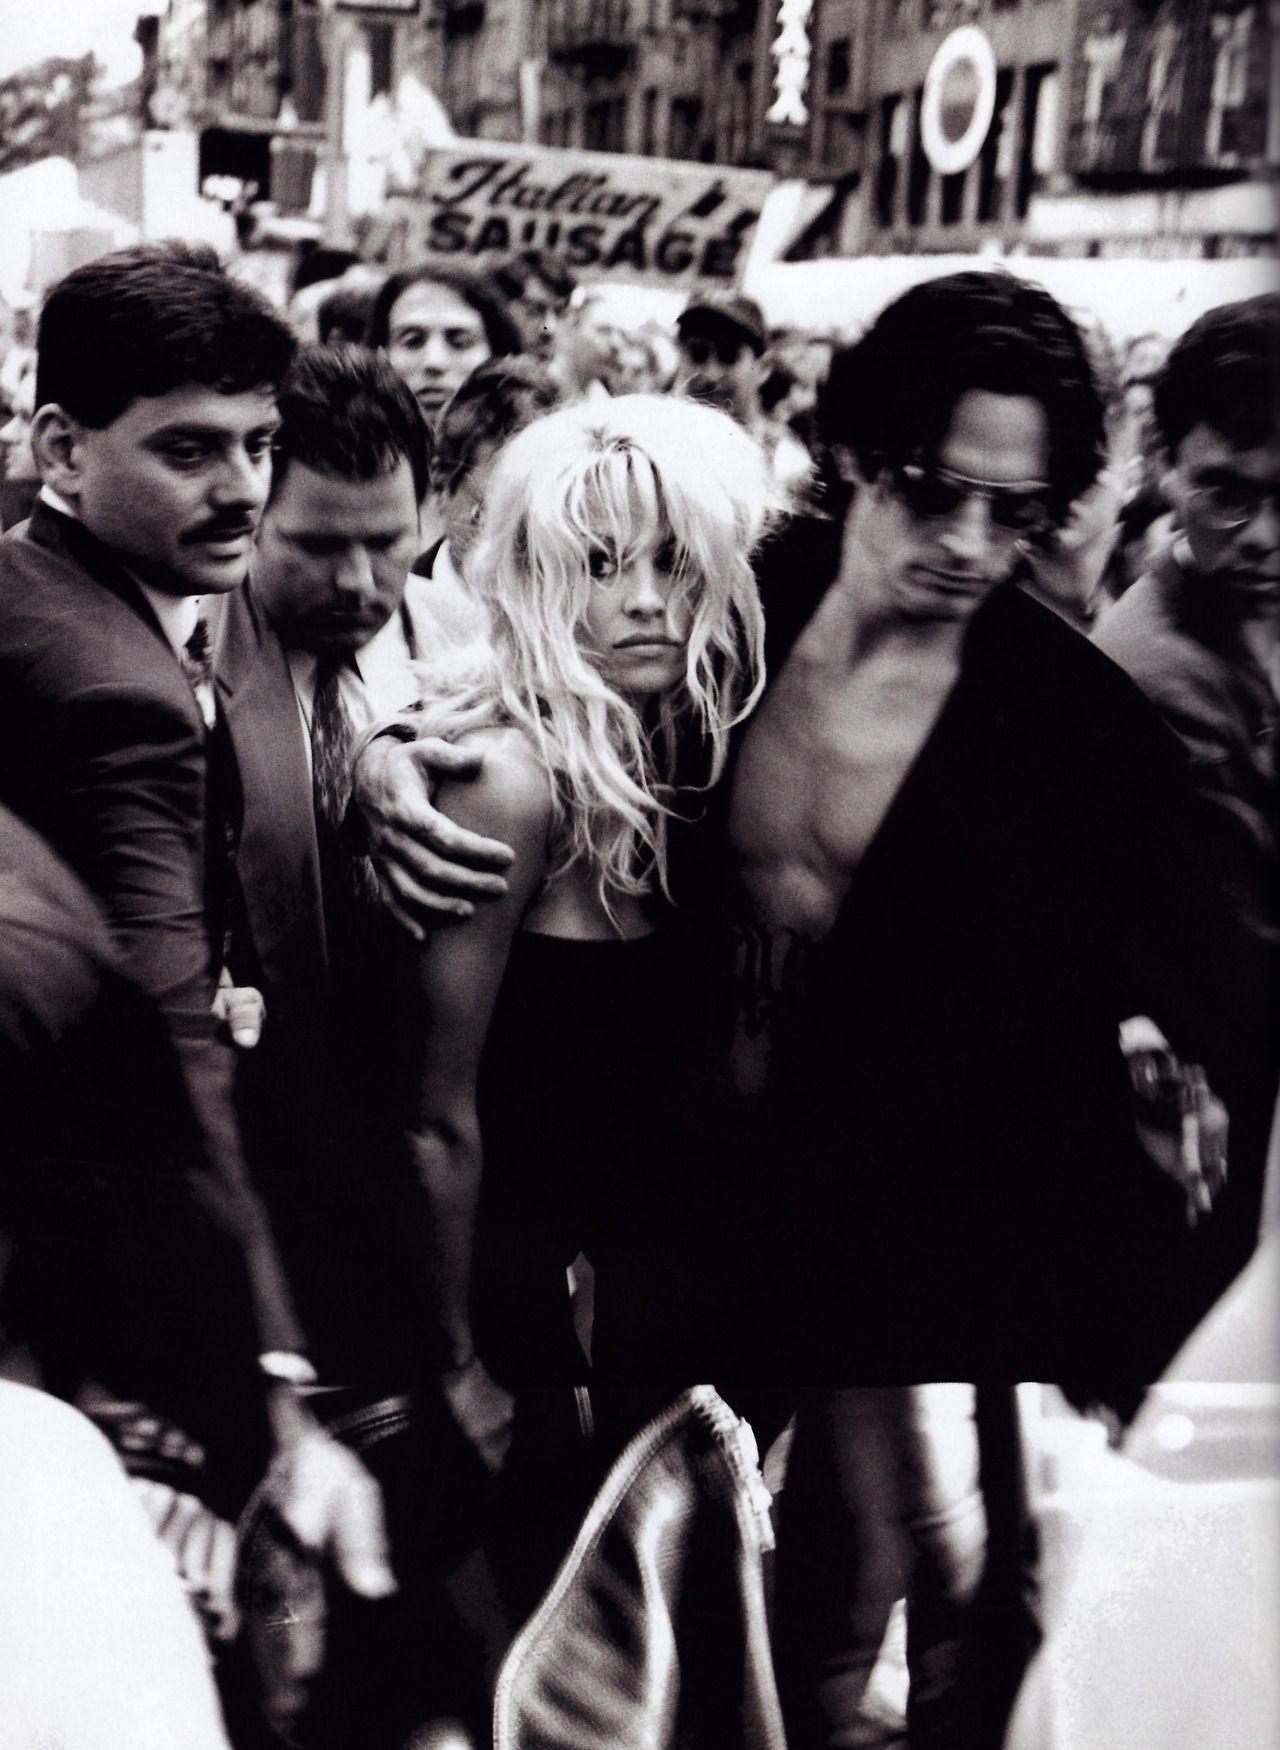 Pamela anderson tommy lee wedding bands - Pamela Anderson Tommy Lee Wedding Bands 51